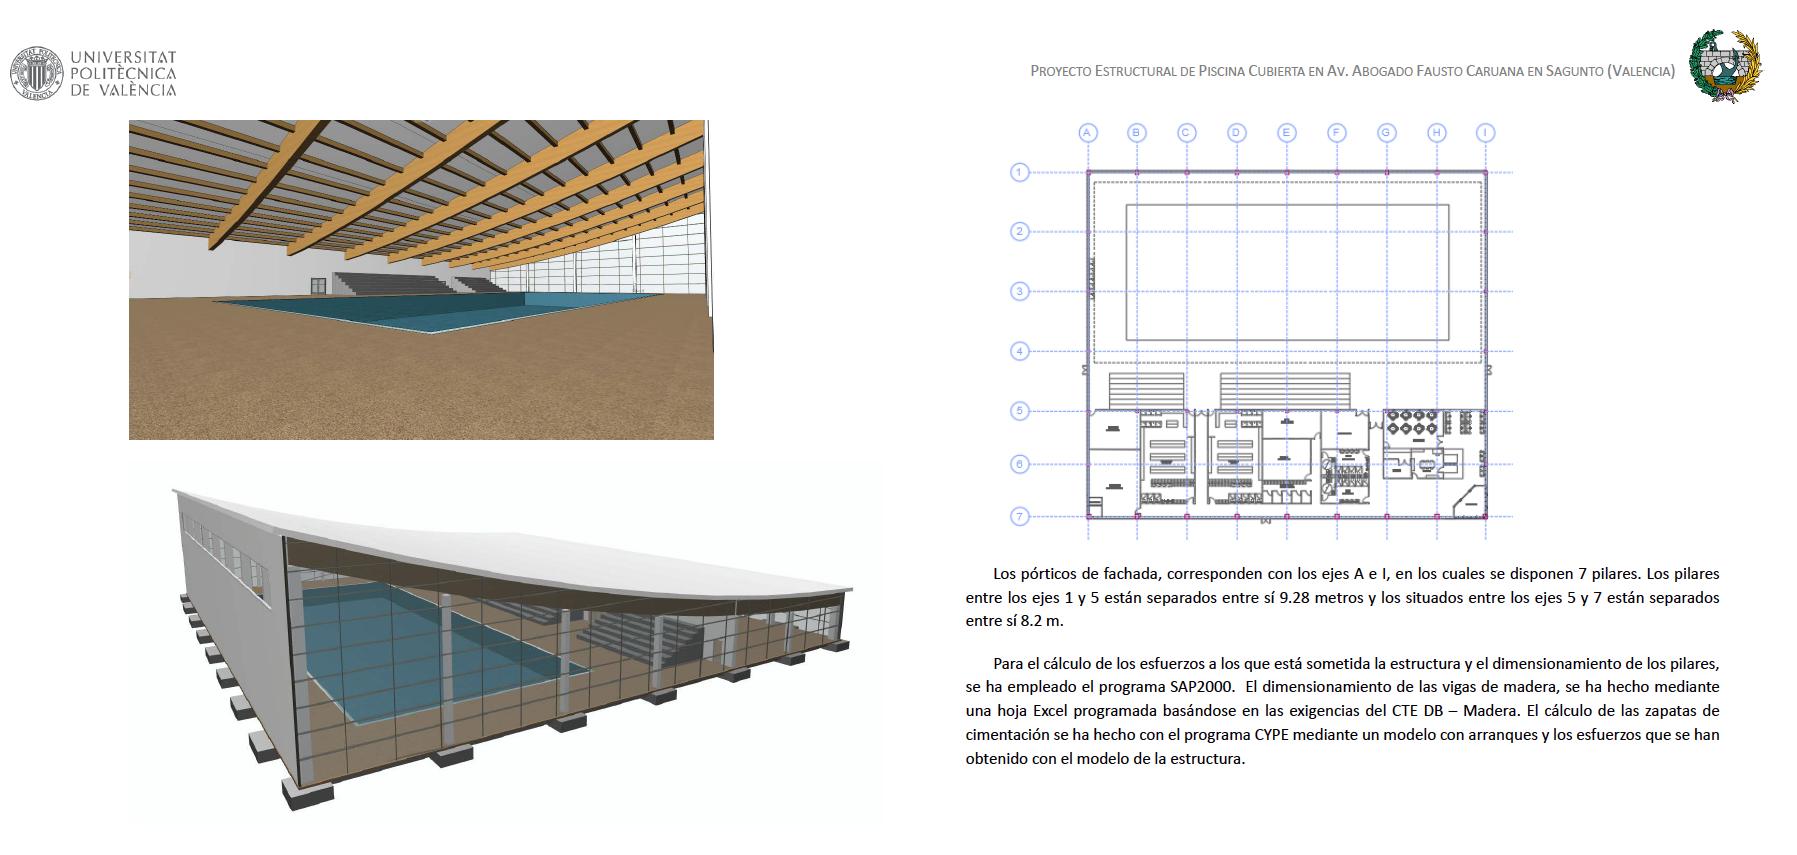 La egresada María Teresa Martínez Comes obtiene el primer premio de la Fundación Juan Arizo Serrulla por su TFM sobre el proyecto estructural de piscina cubierta en Sagunto